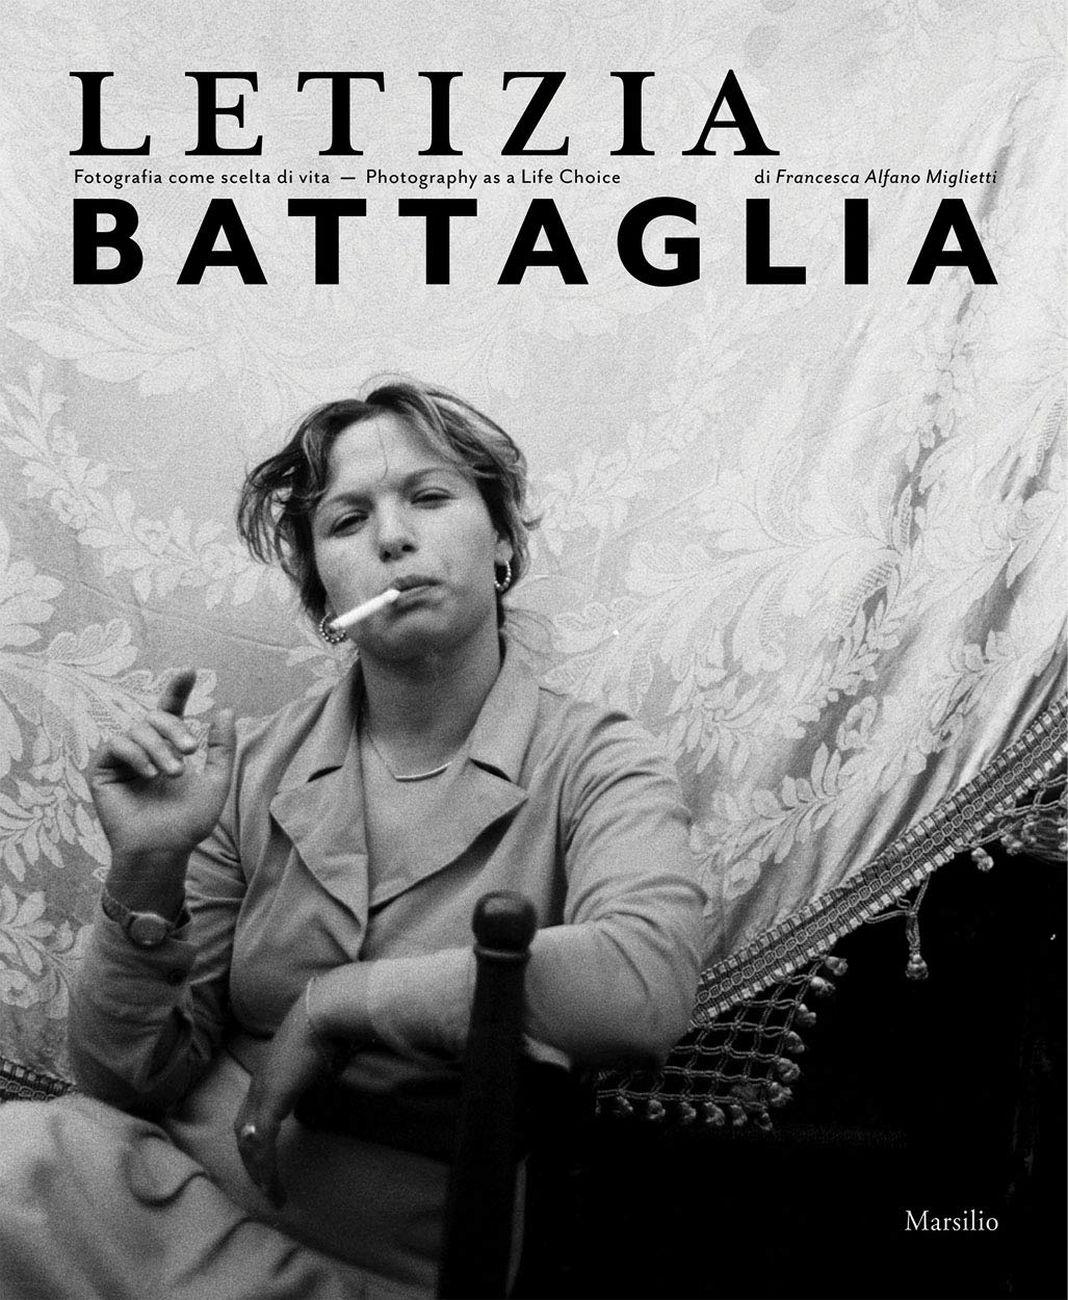 Francesca Alfano Miglietti (a cura di) – Letizia Battaglia. Fotografia come scelta di vita (Marsilio, Venezia 2019)